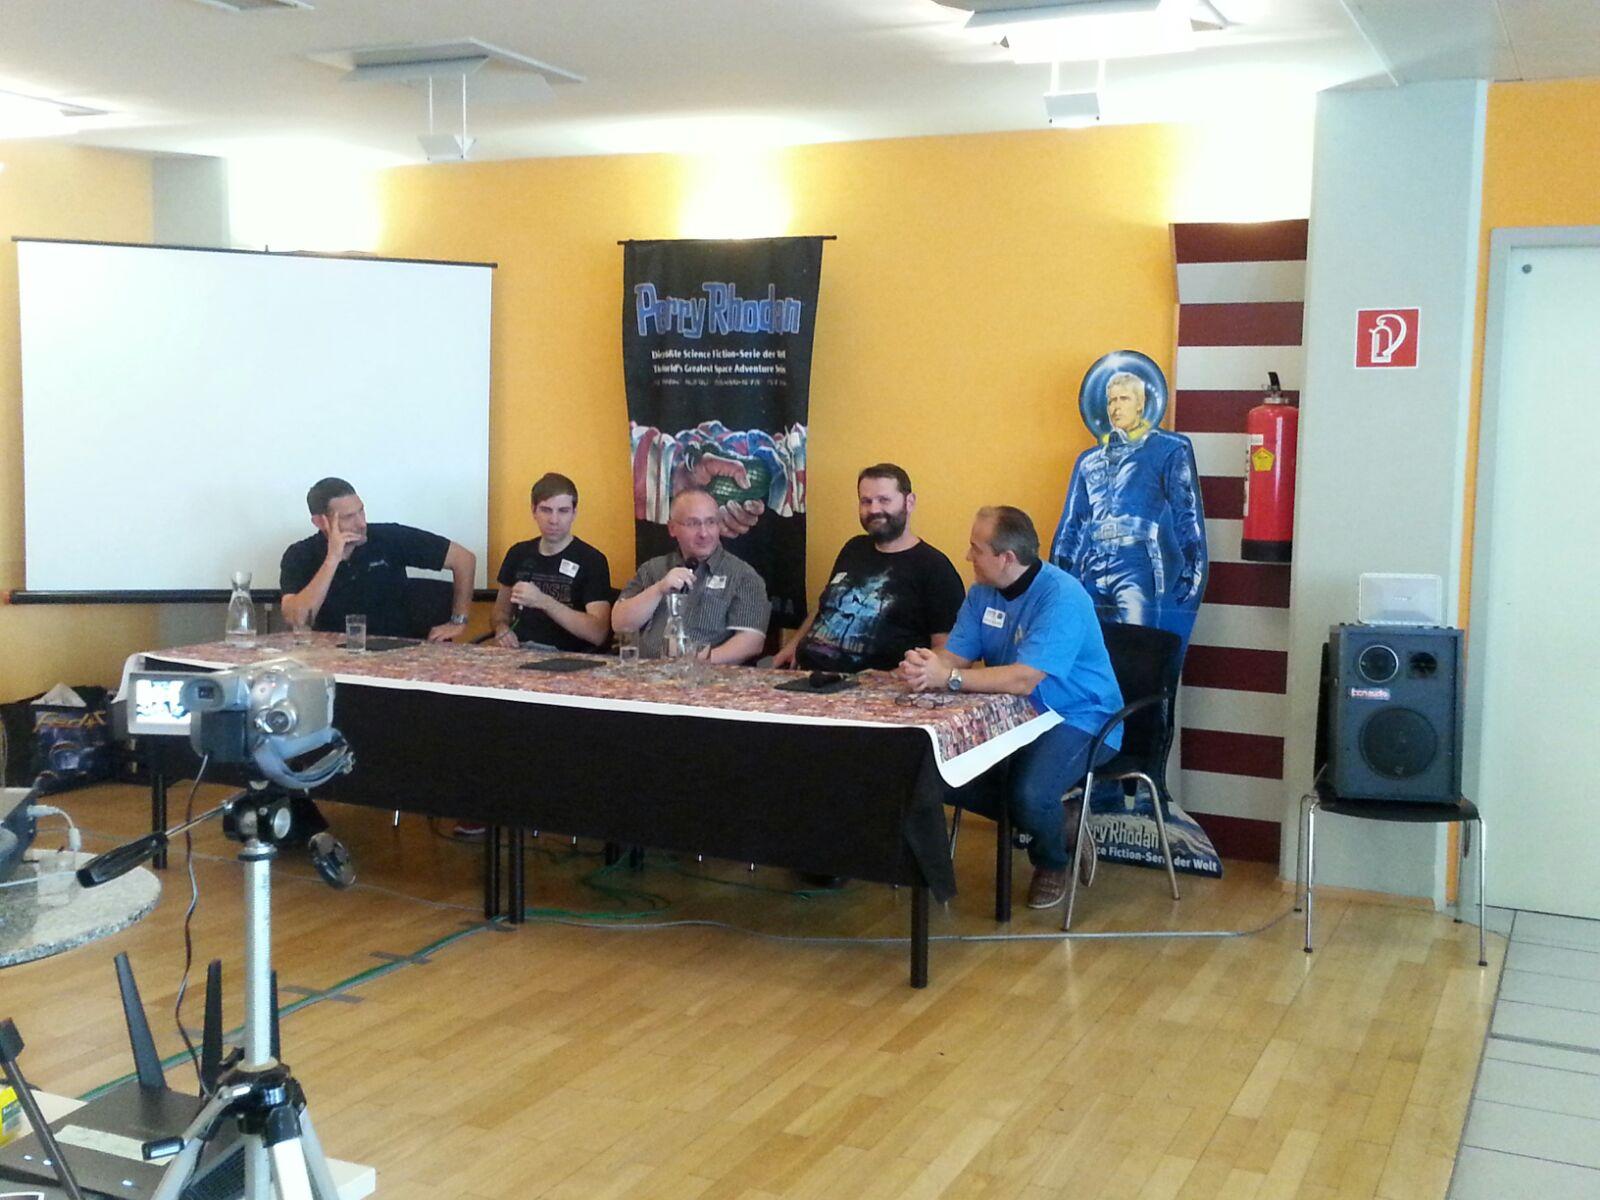 Austria Con 2016, Maddrax-Panel, Wolf Binder, Ben Calvin Hary, Oliver Fröhlich, Roman Schleifer